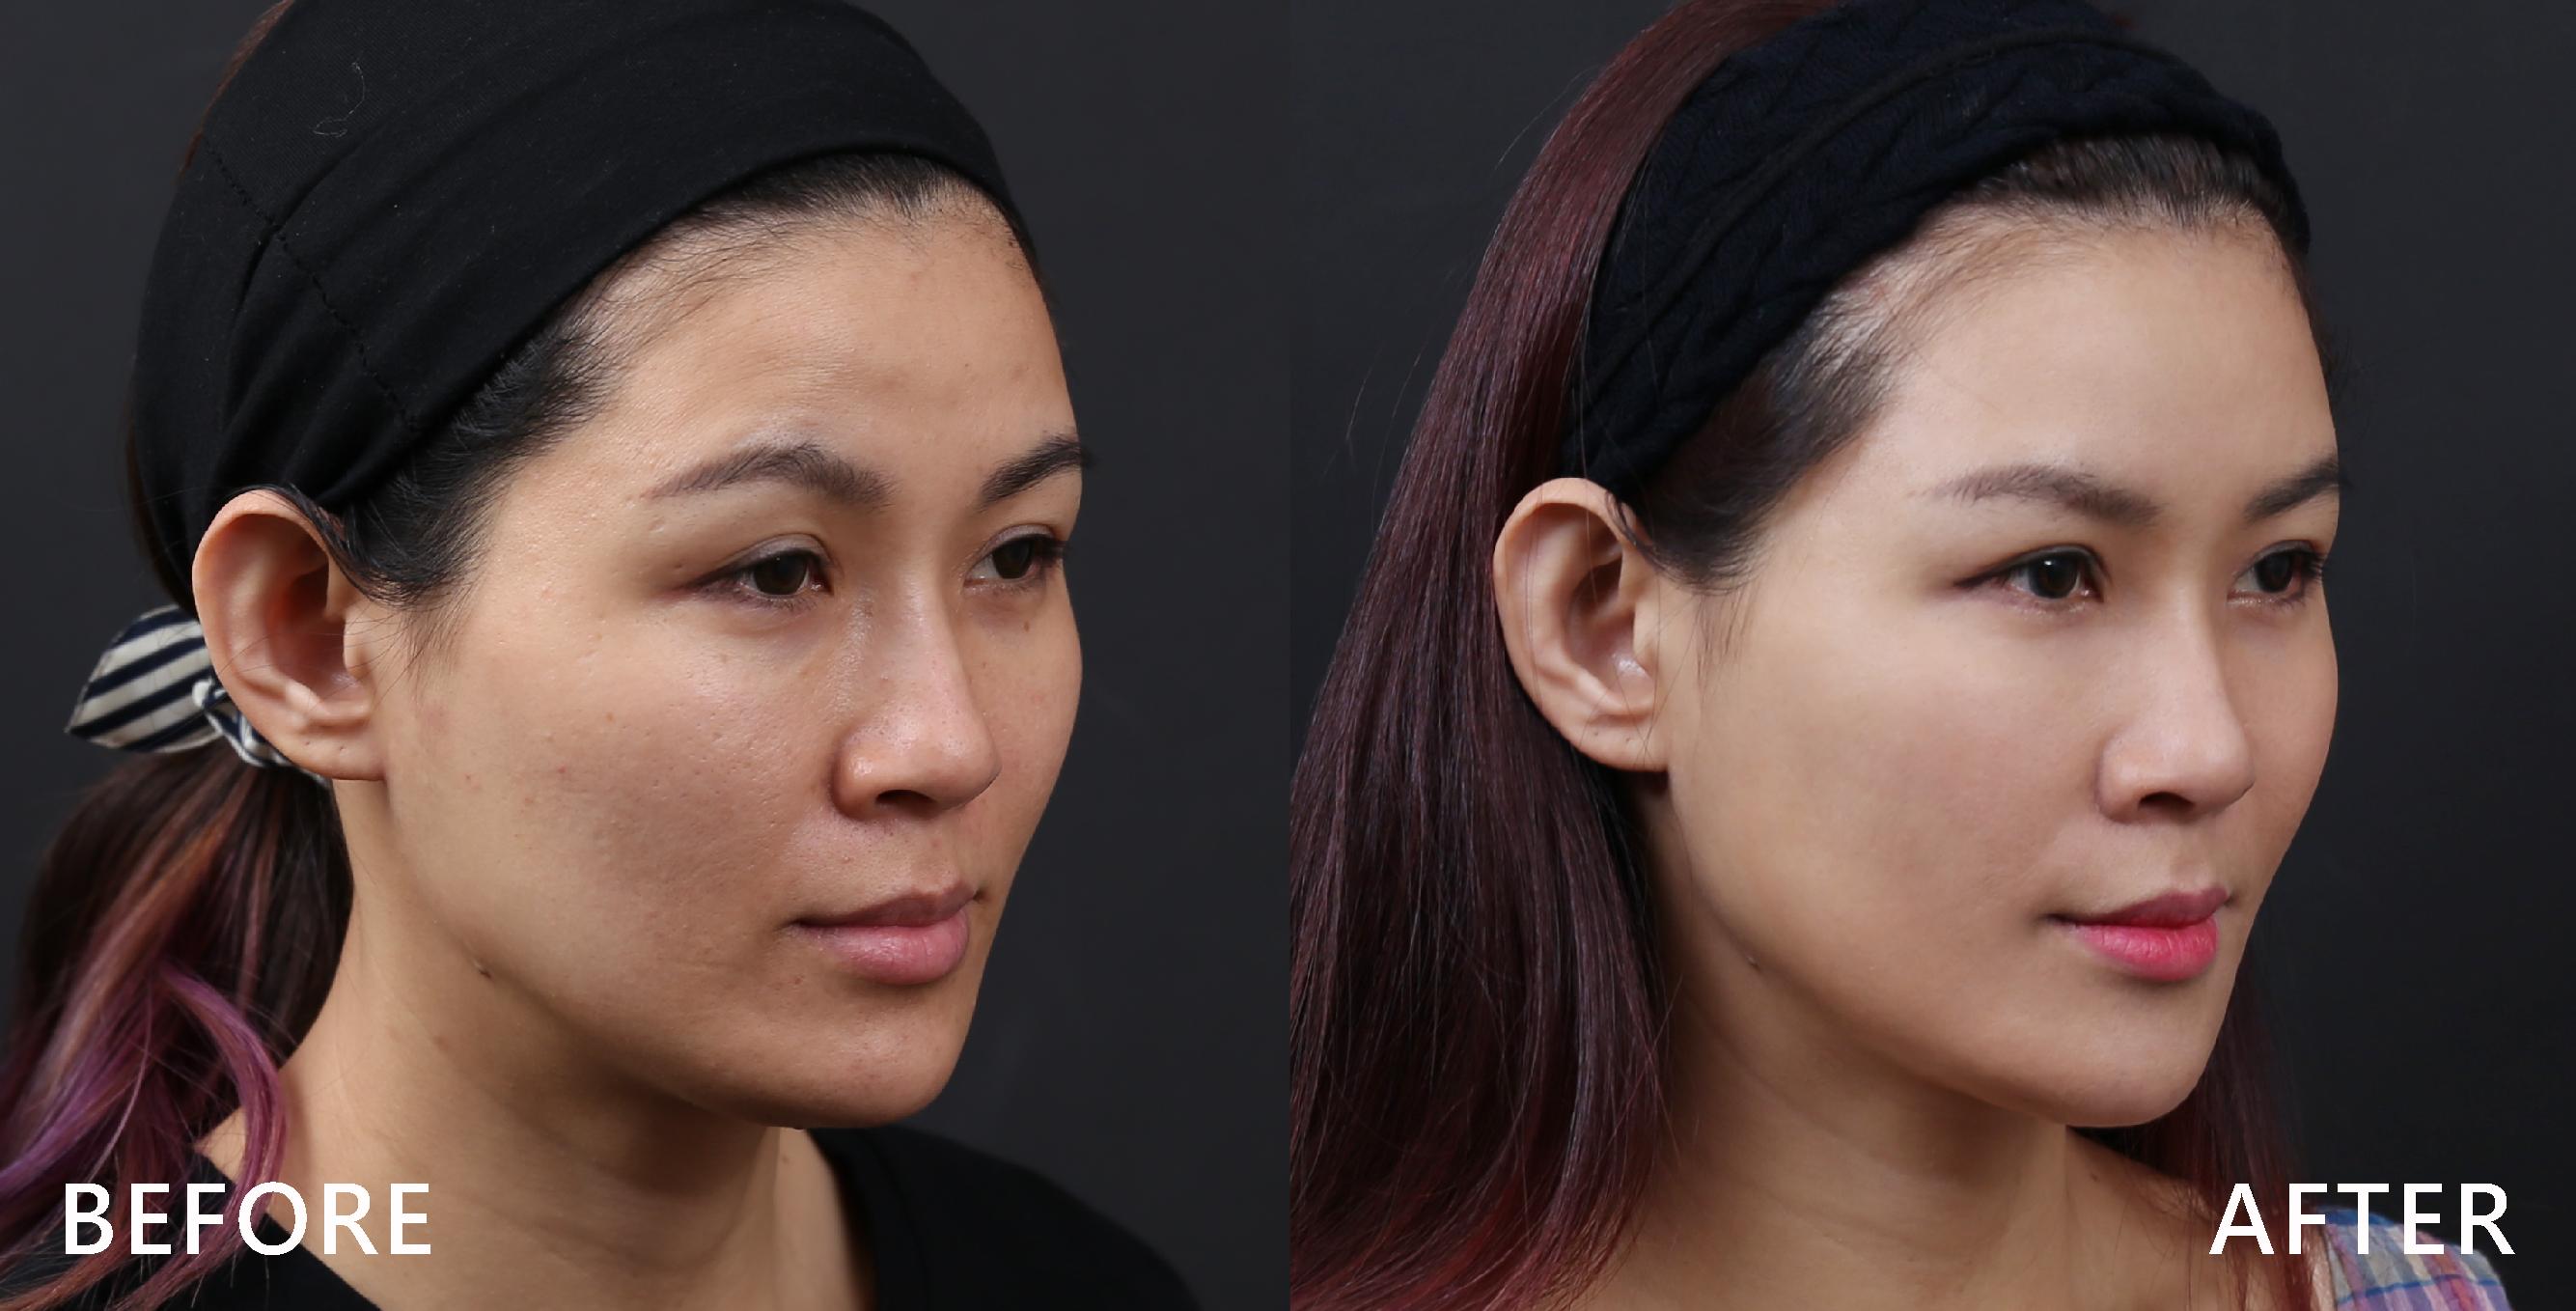 施打完肉毒桿菌素後,下巴輪廓修飾了。(本療程施打效果因人而異)